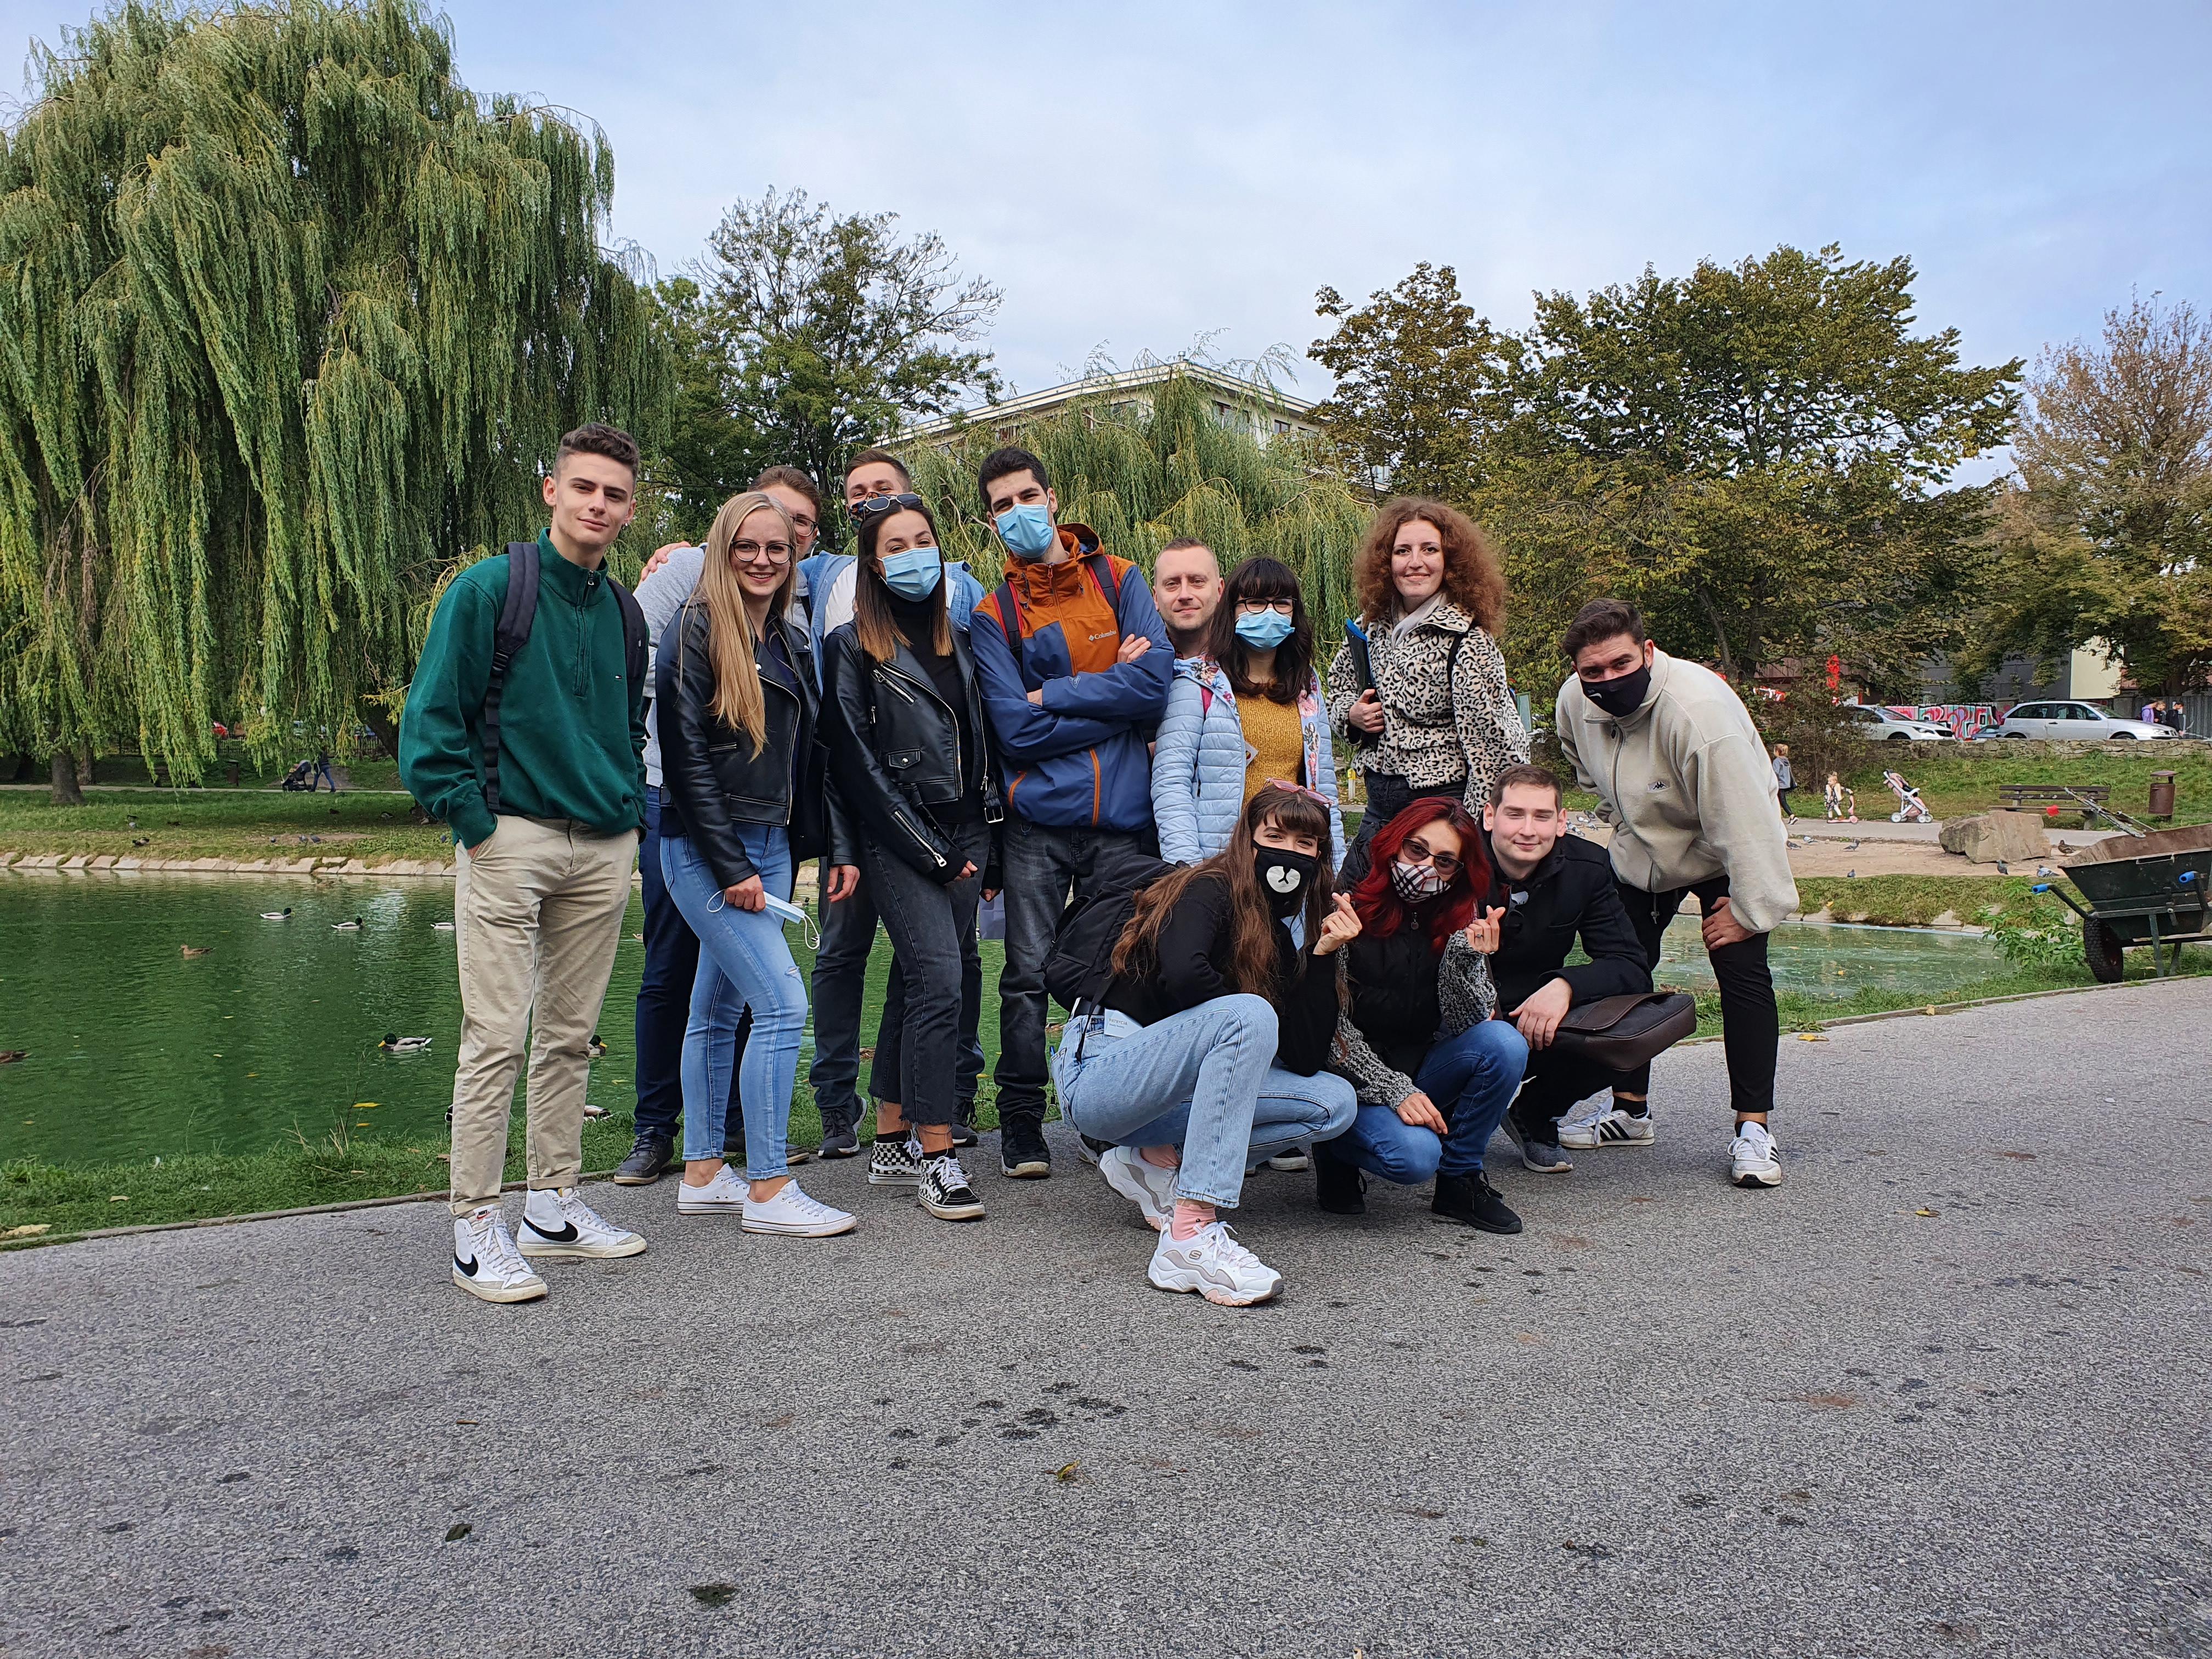 Zdjęcie grupowe studentów w parku miejskim w Kielcach. W tle drzewa i zbiornik wodny.